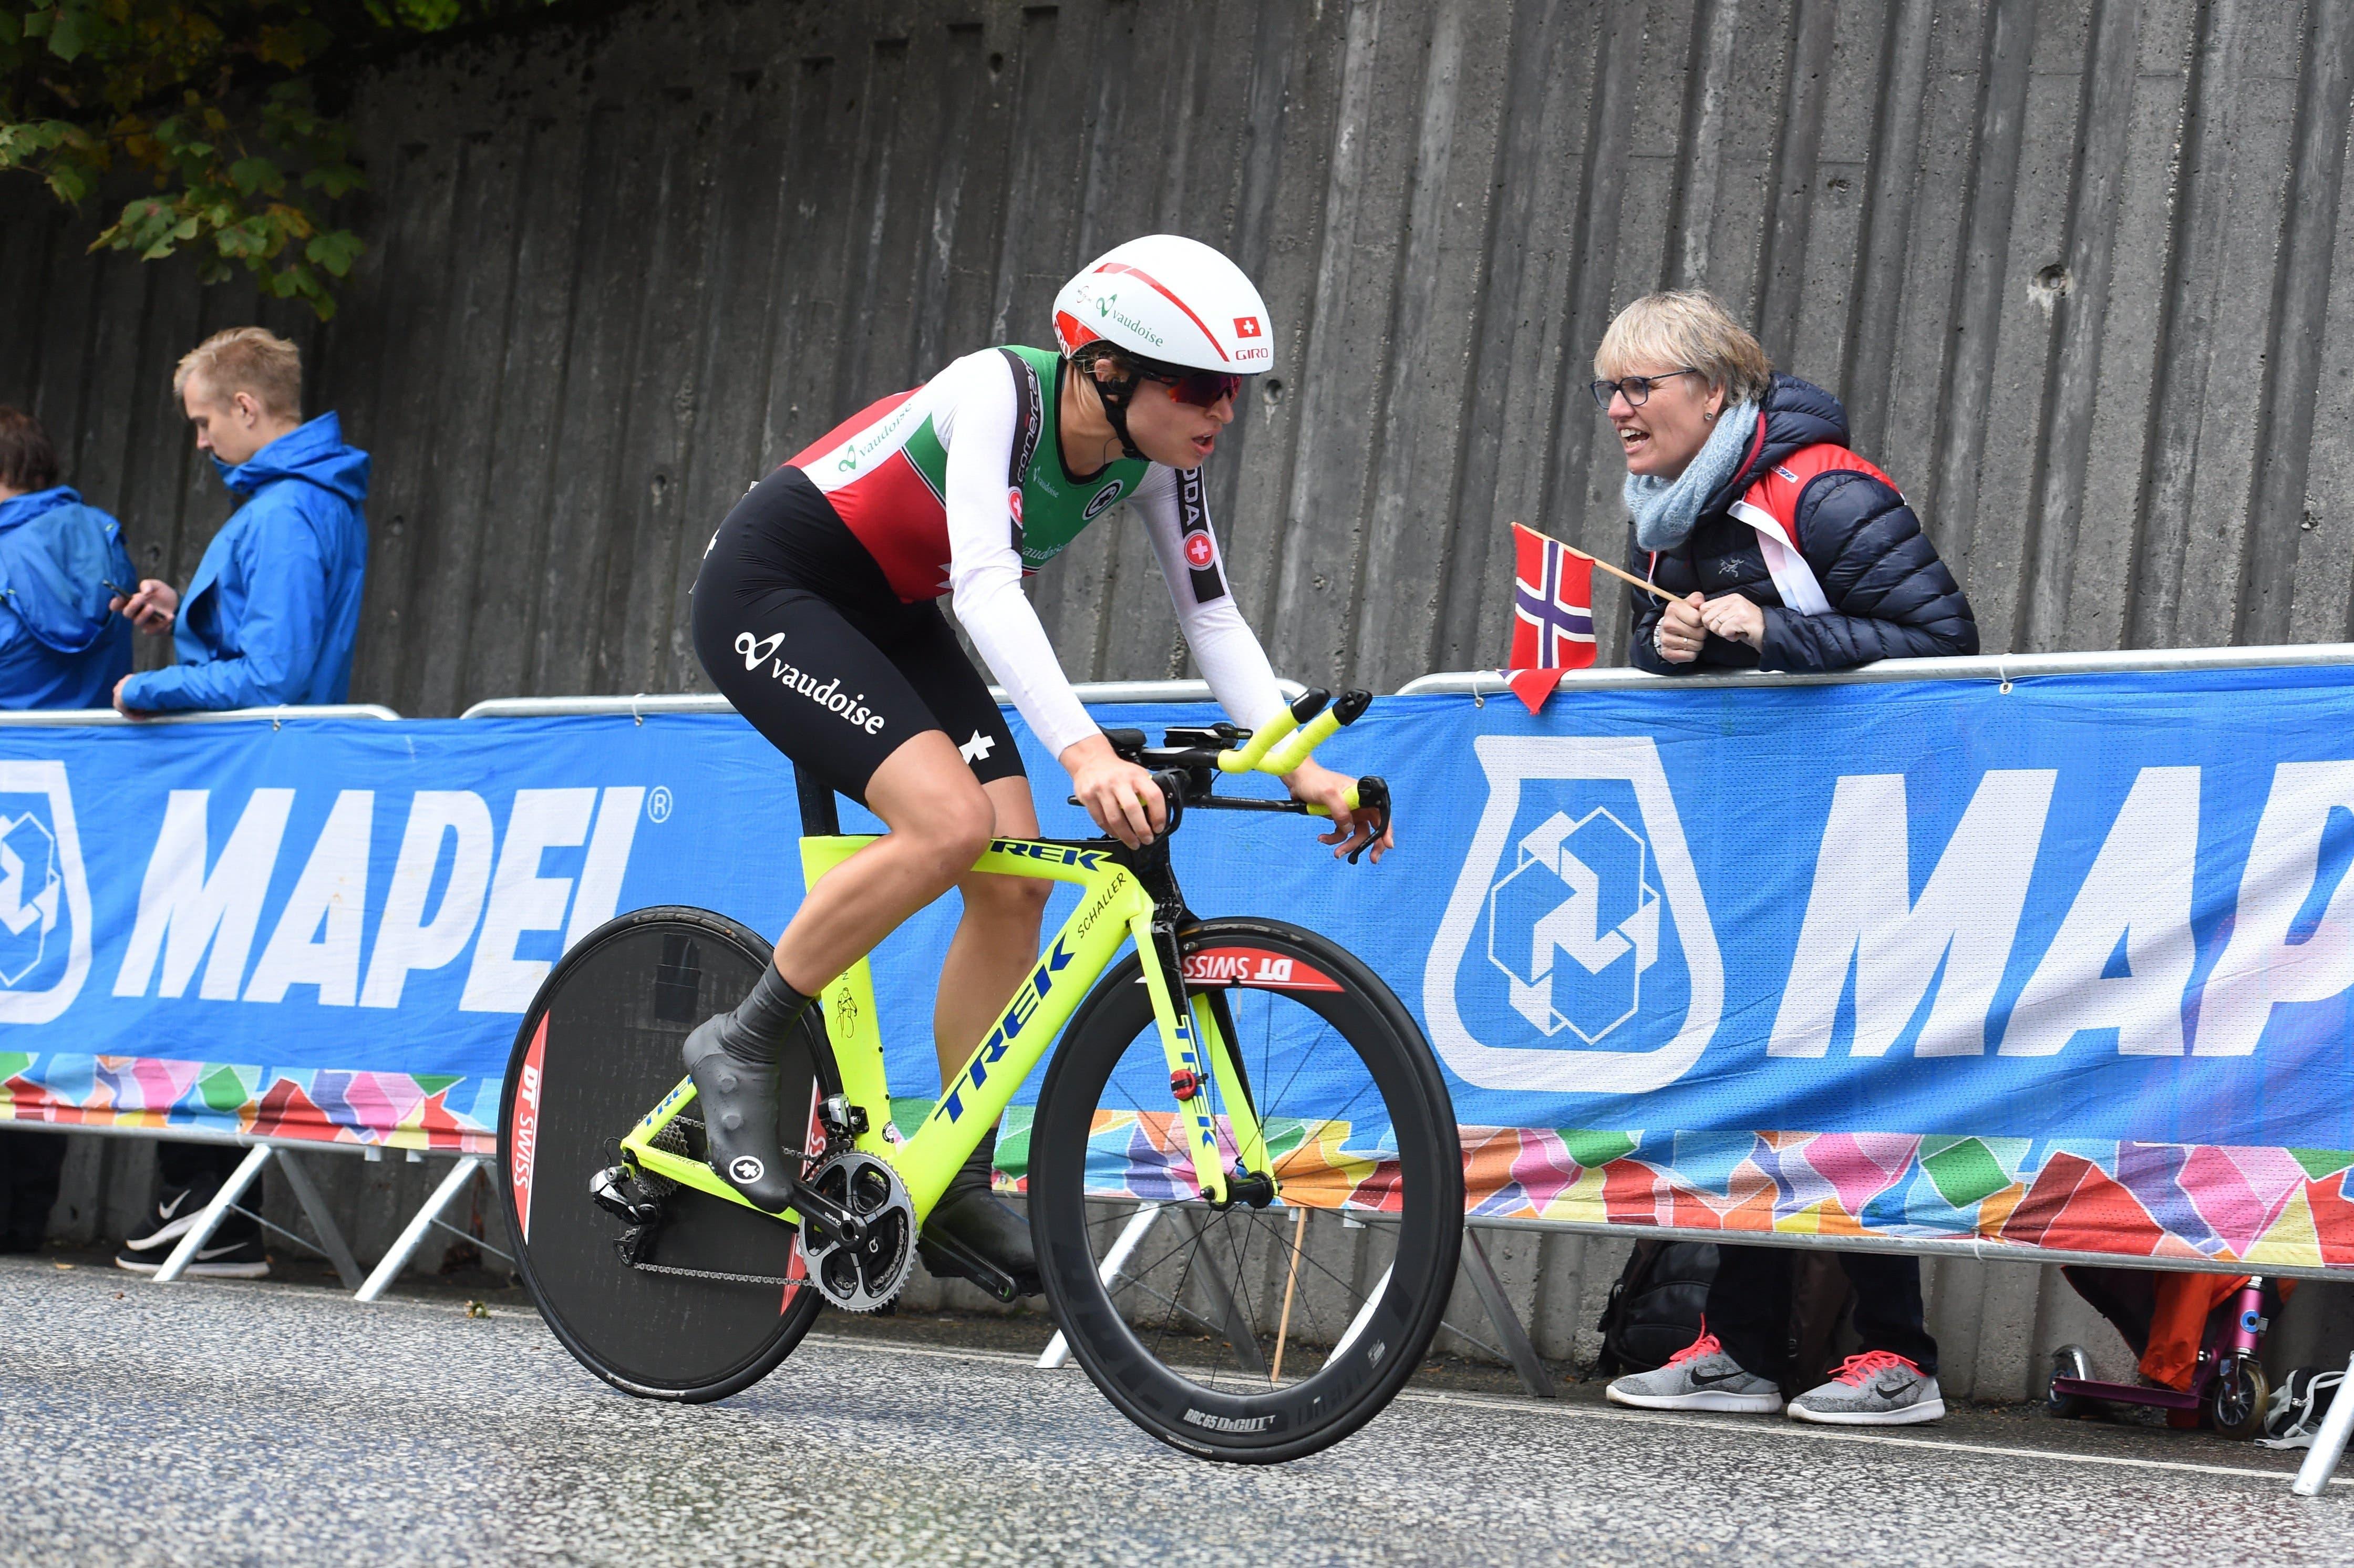 Erst 2017 beginnt für Reusser die grosse Velo-Karriere. Hier ist sie im gleichen Jahr an der Strassen-WM in Bergen (Norwegen) zu sehen, wo sie sich im Zeitfahren auf Rang 28 klassiert.